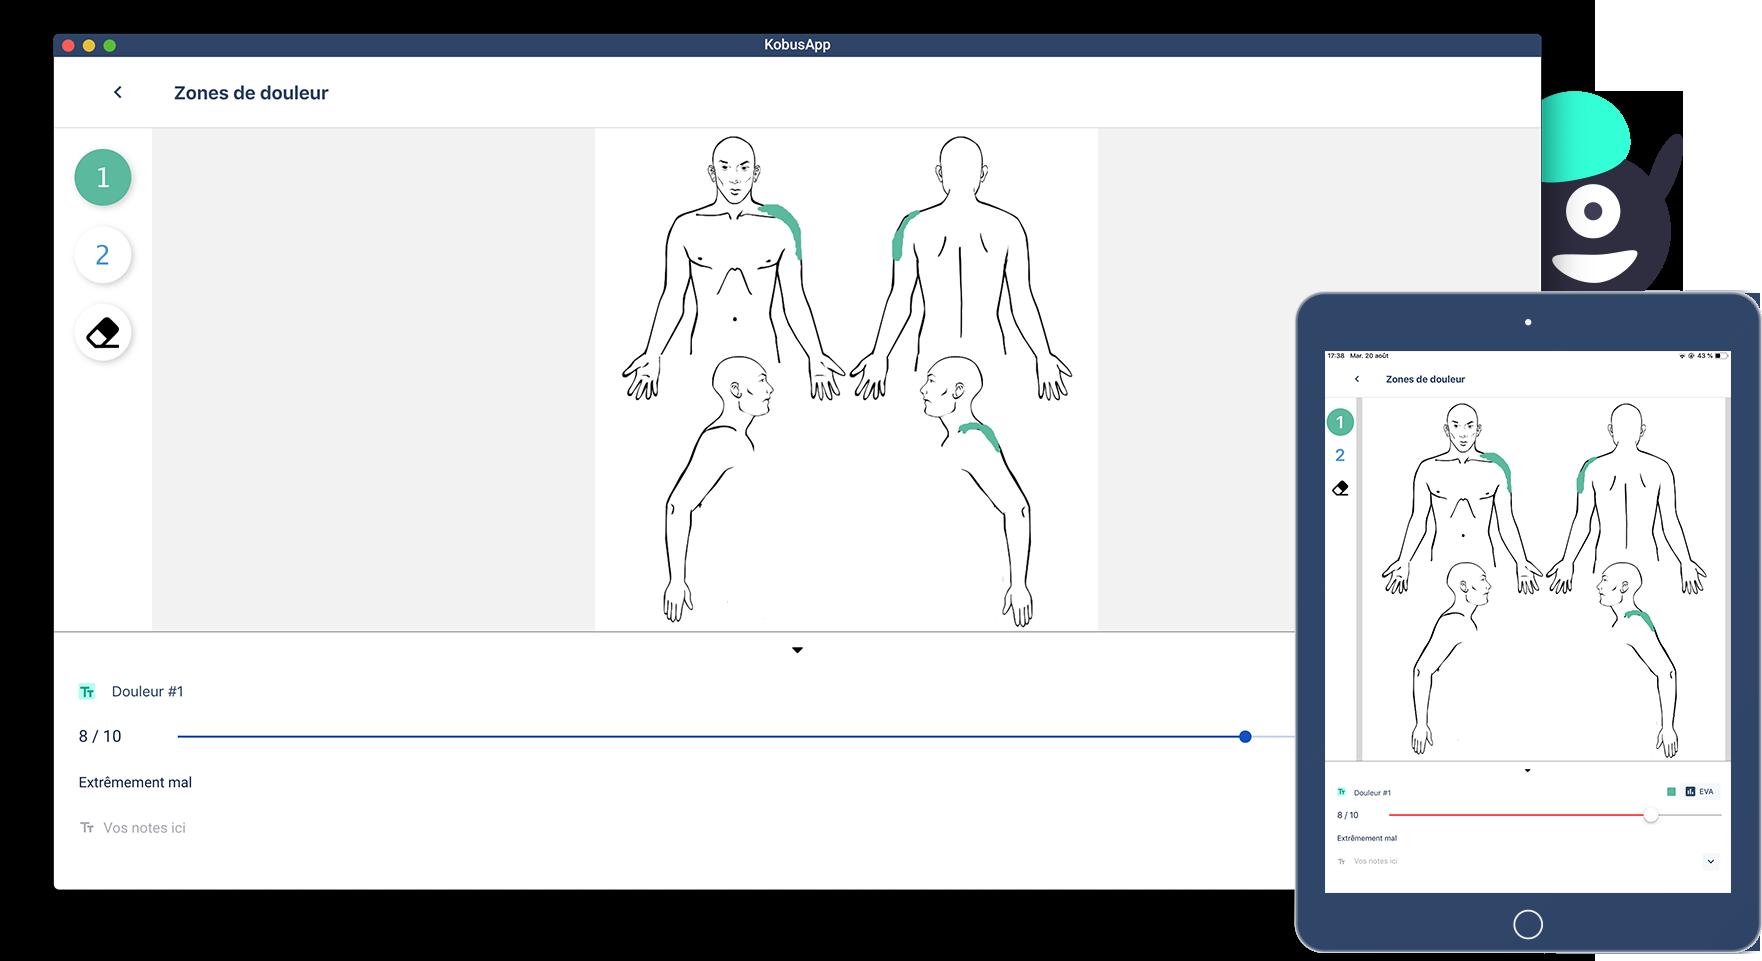 Schéma du corps humain pour dessin de la douleur